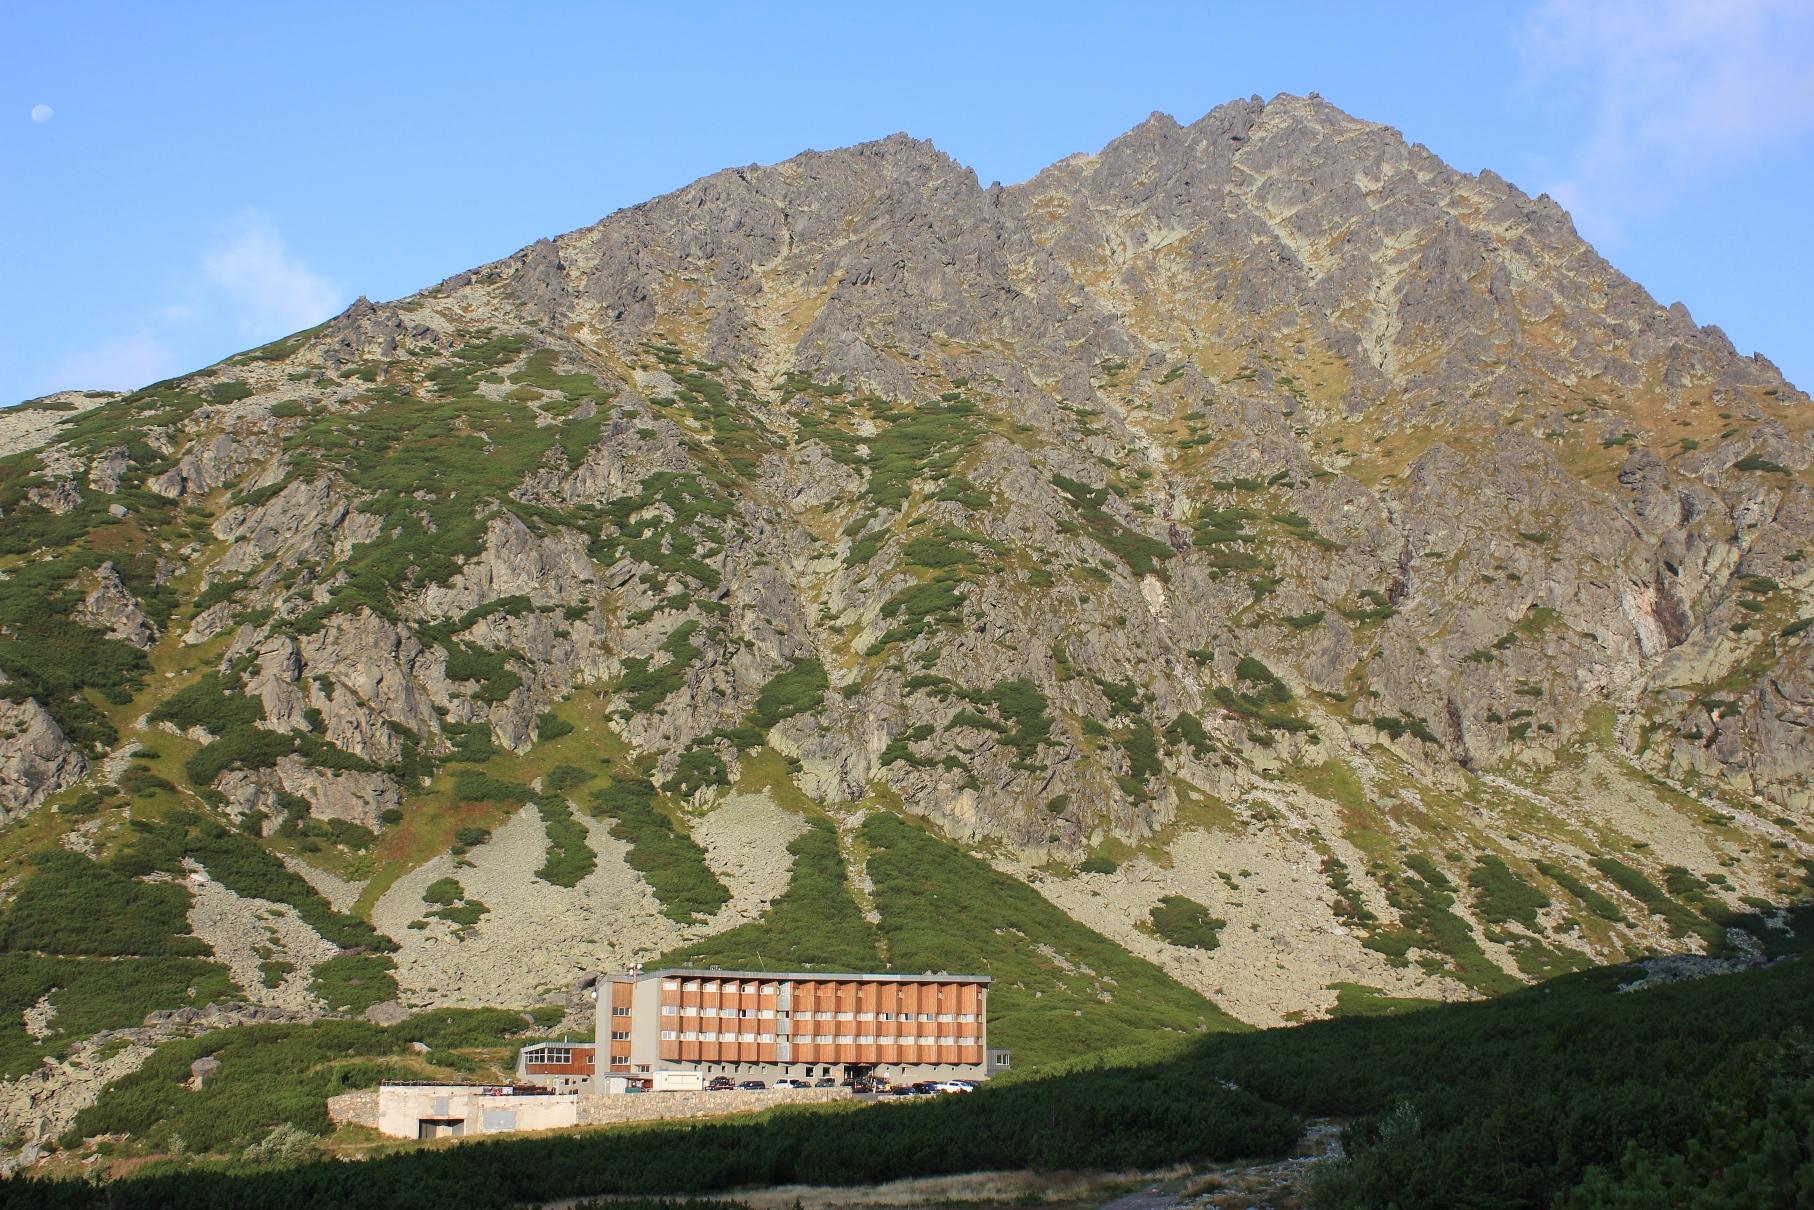 スロバキア最高峰ゲルラホウスキ直下に位置する山岳リゾートホテル